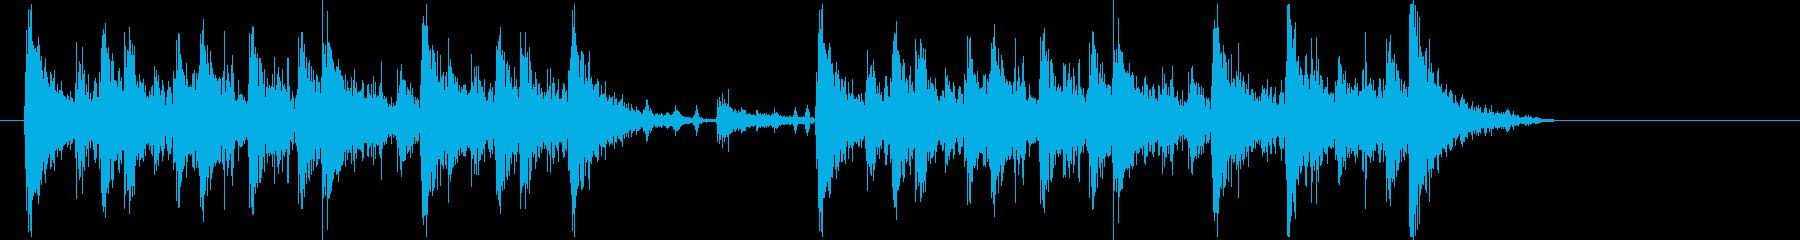 迫力あるダイナミックで力強いリズムロゴの再生済みの波形